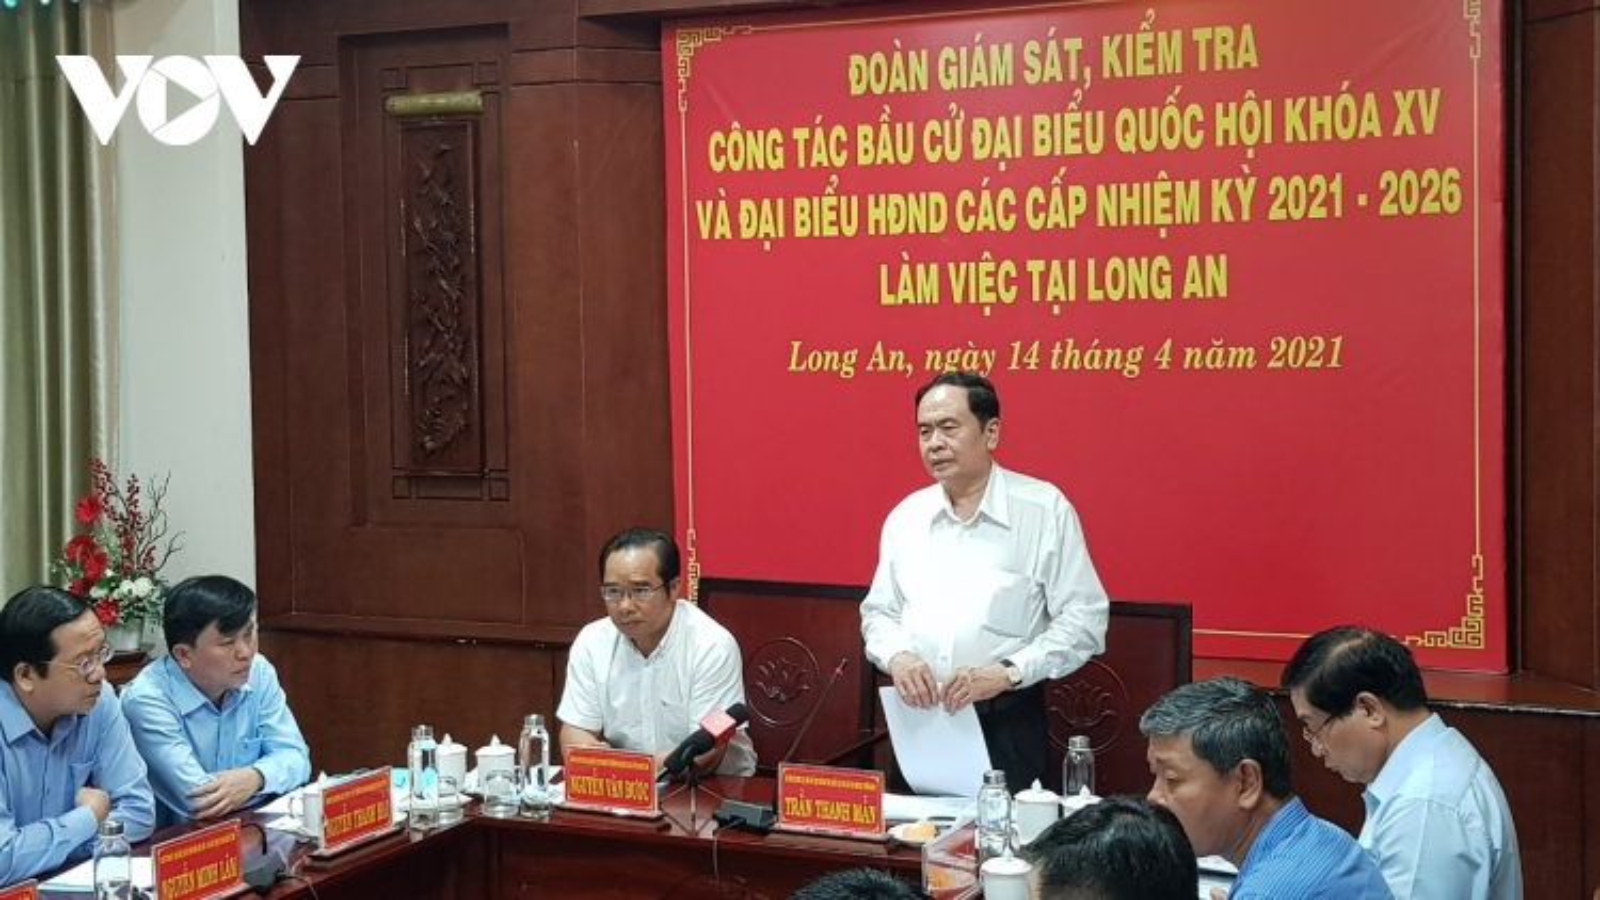 Đoàn giám sát, kiểm tra của Hội đồng Bầu cử Quốc gia làm việc tại Long An